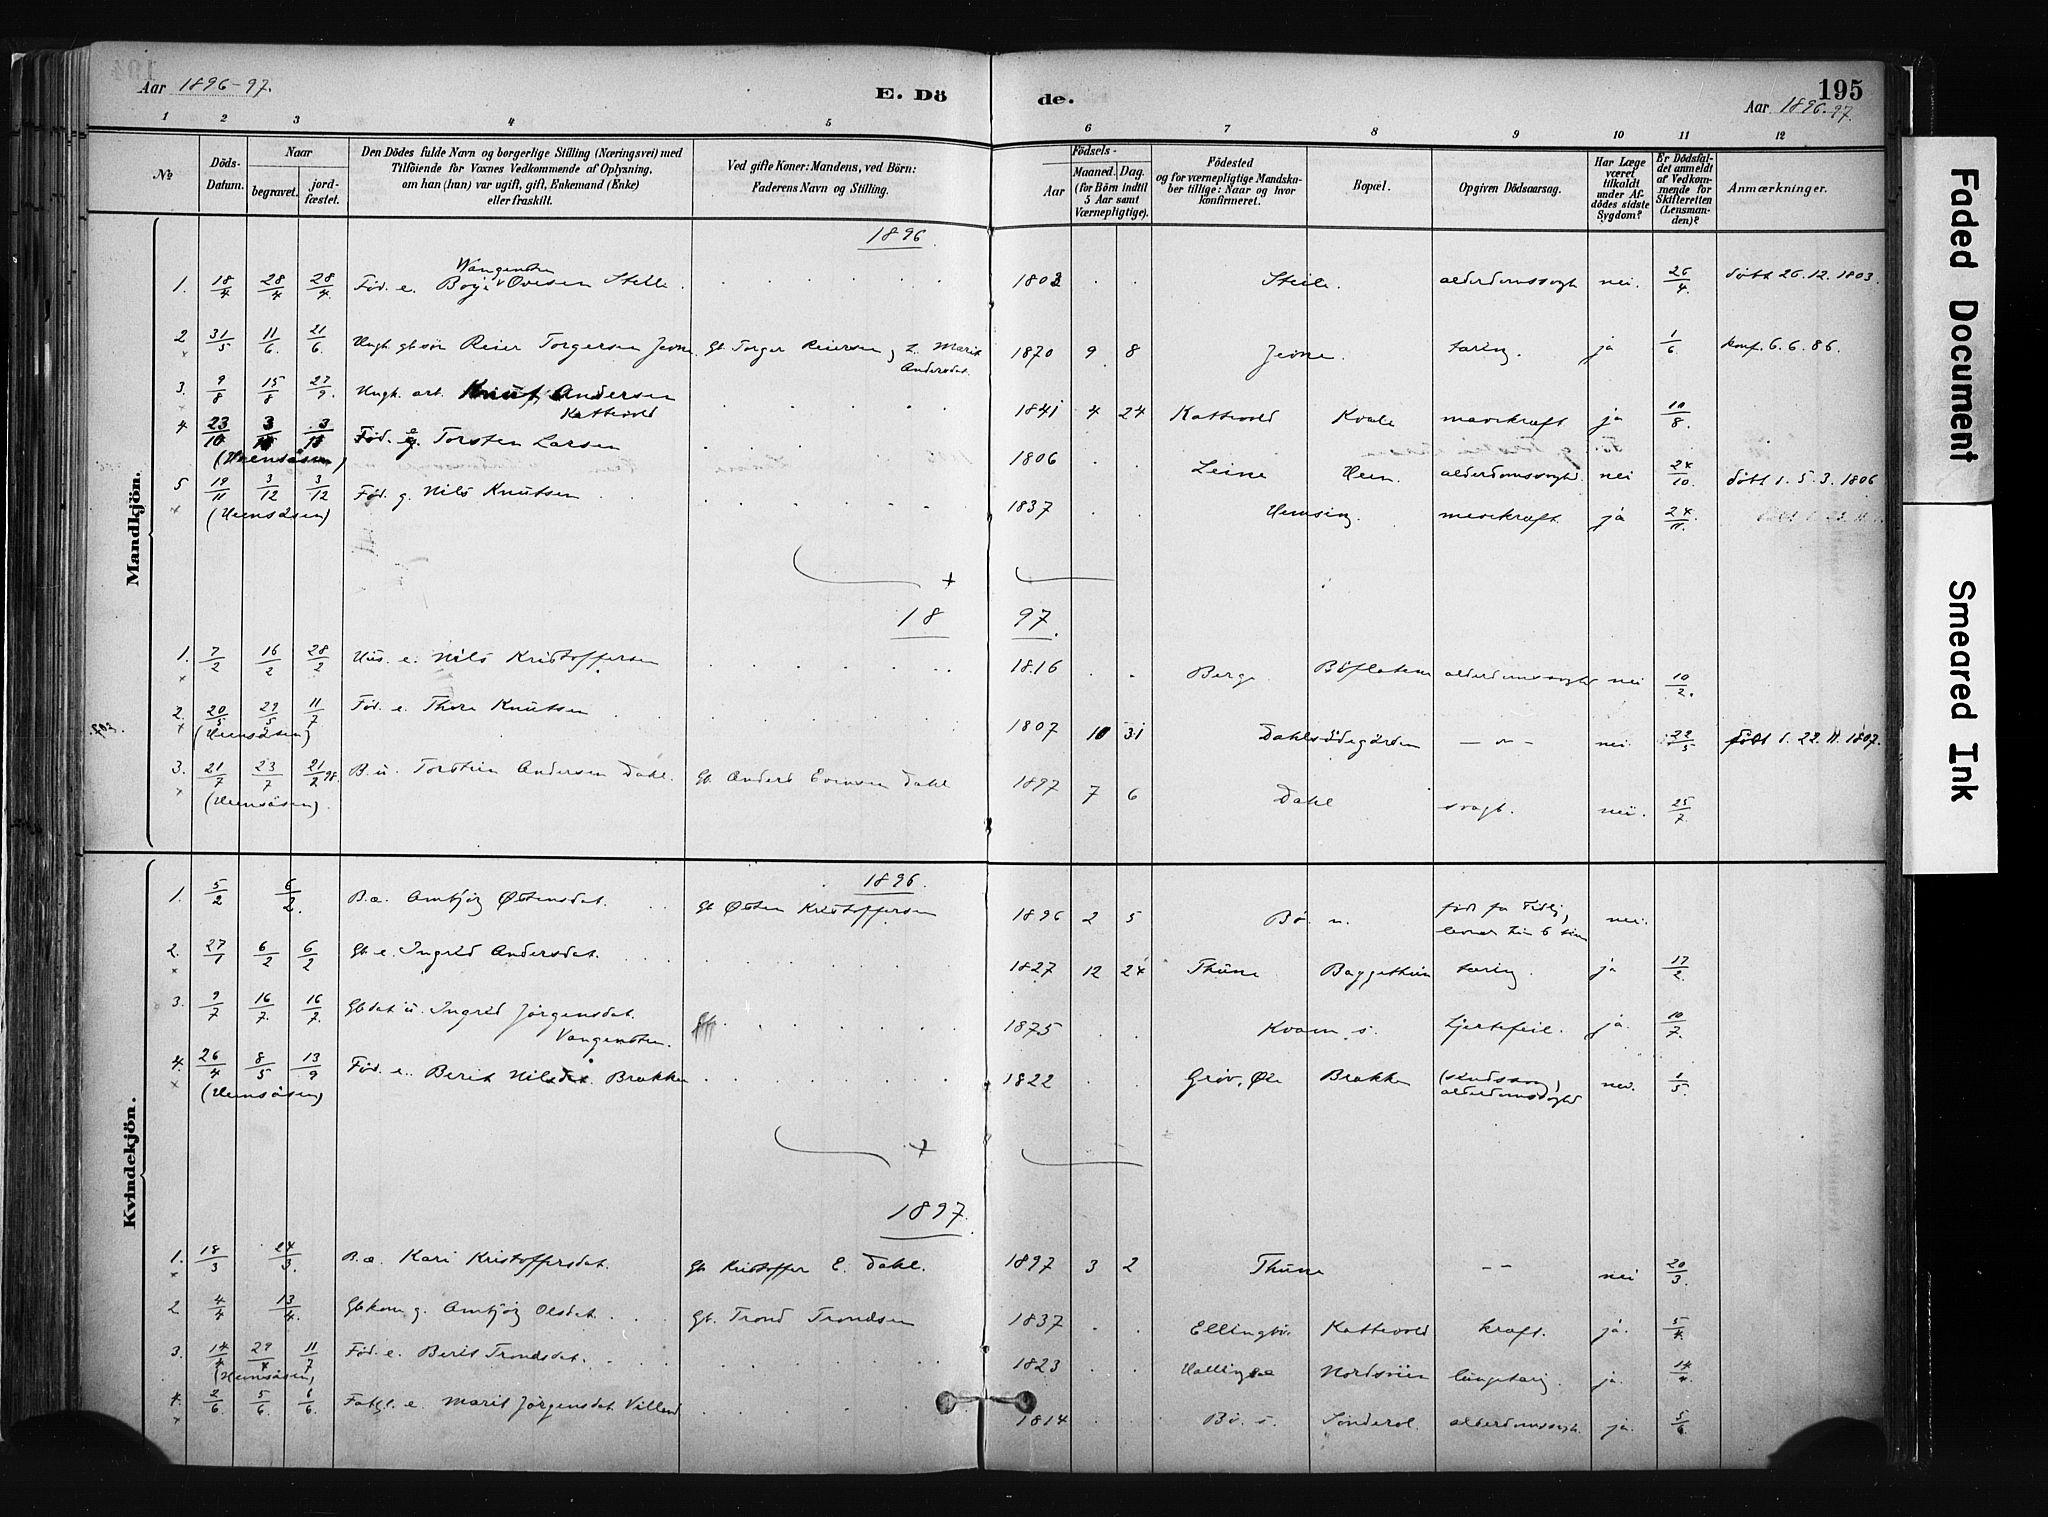 SAH, Vang prestekontor, Valdres, Ministerialbok nr. 8, 1882-1910, s. 195